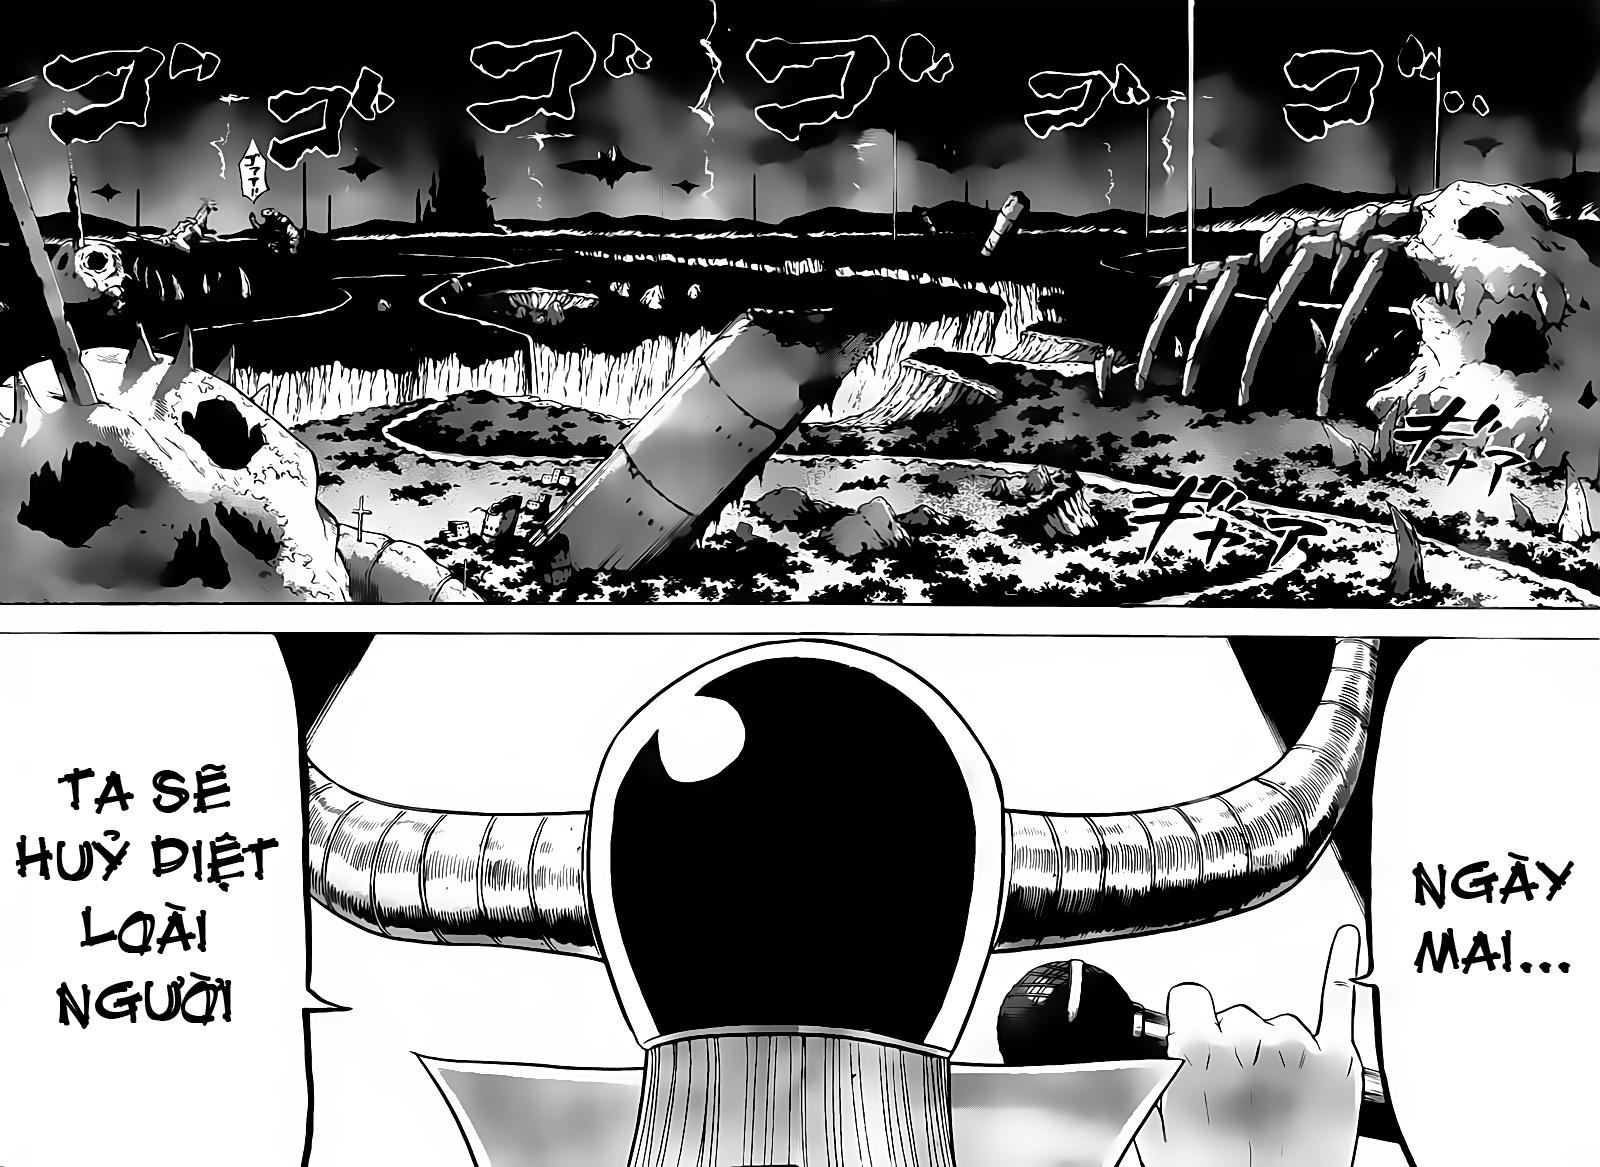 Vua Quỷ - Beelzebub tap 81 - 15